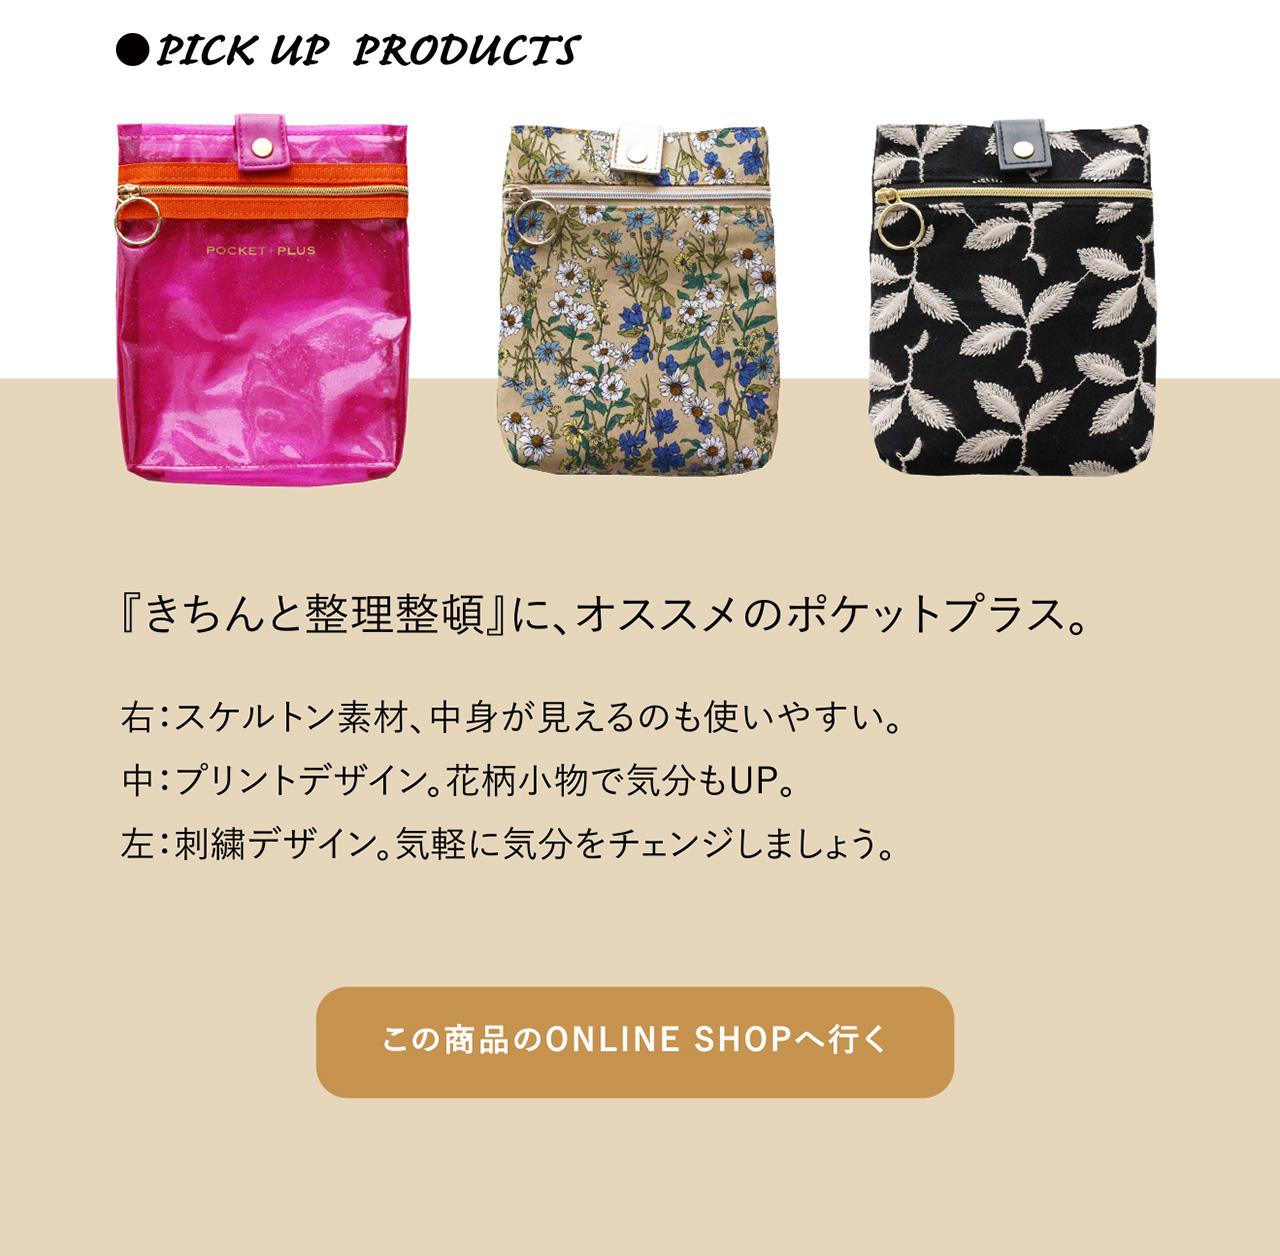 ●PICK UP PRODUCTS 『おしゃれに整理整頓』に、オススメのポケットプラス。 右:スケルトン素材、中身が見えるのも使いやすい。中:プリントデザイン。花柄小物で気分もUP。左:刺繍デザイン。気軽に気分をチェンジしましょう。『きちんと整理整頓』に、オススメのポケットプラス。 この商品のONLINE SHOPへ行く